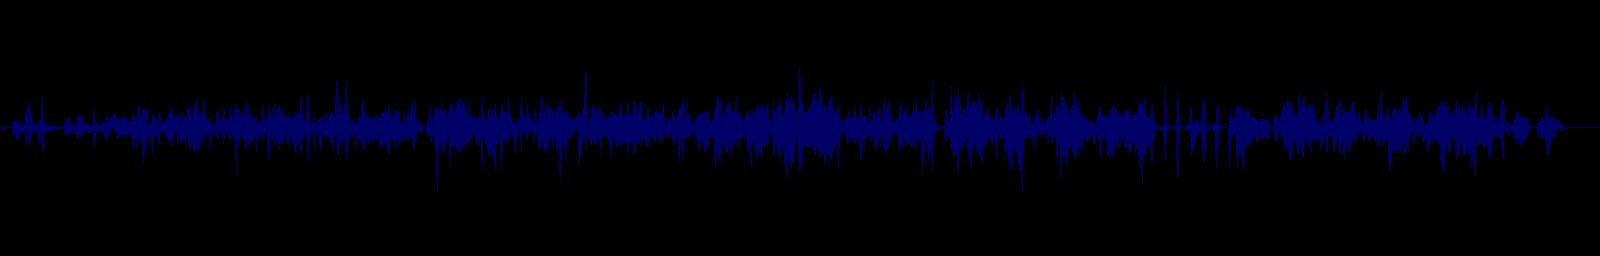 waveform of track #151455